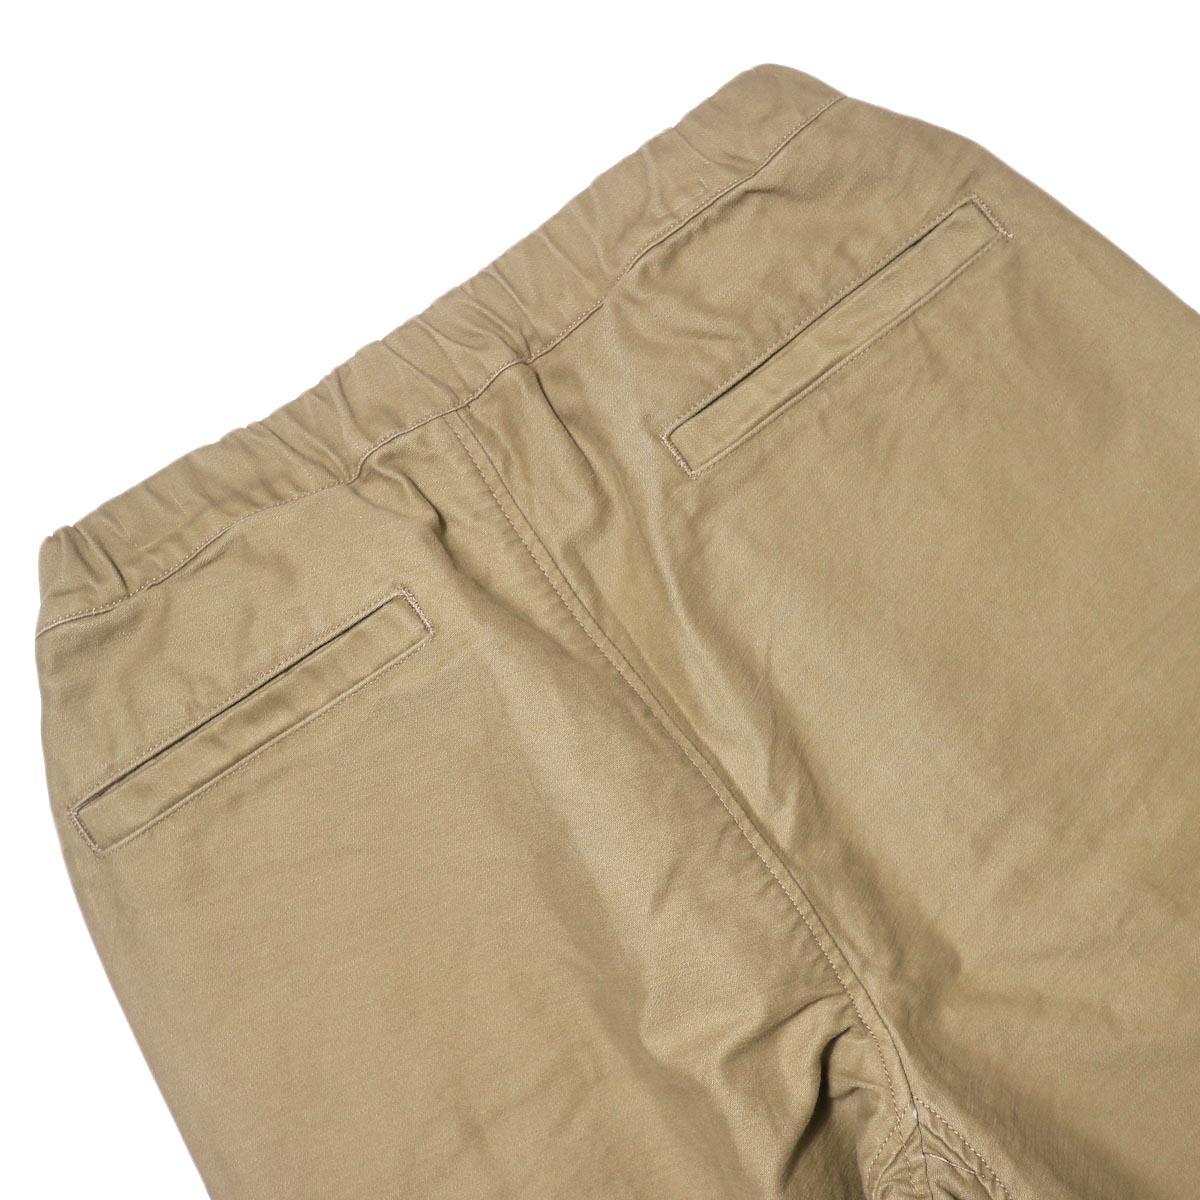 BRENA / Coq Pants (beige) バックポケット